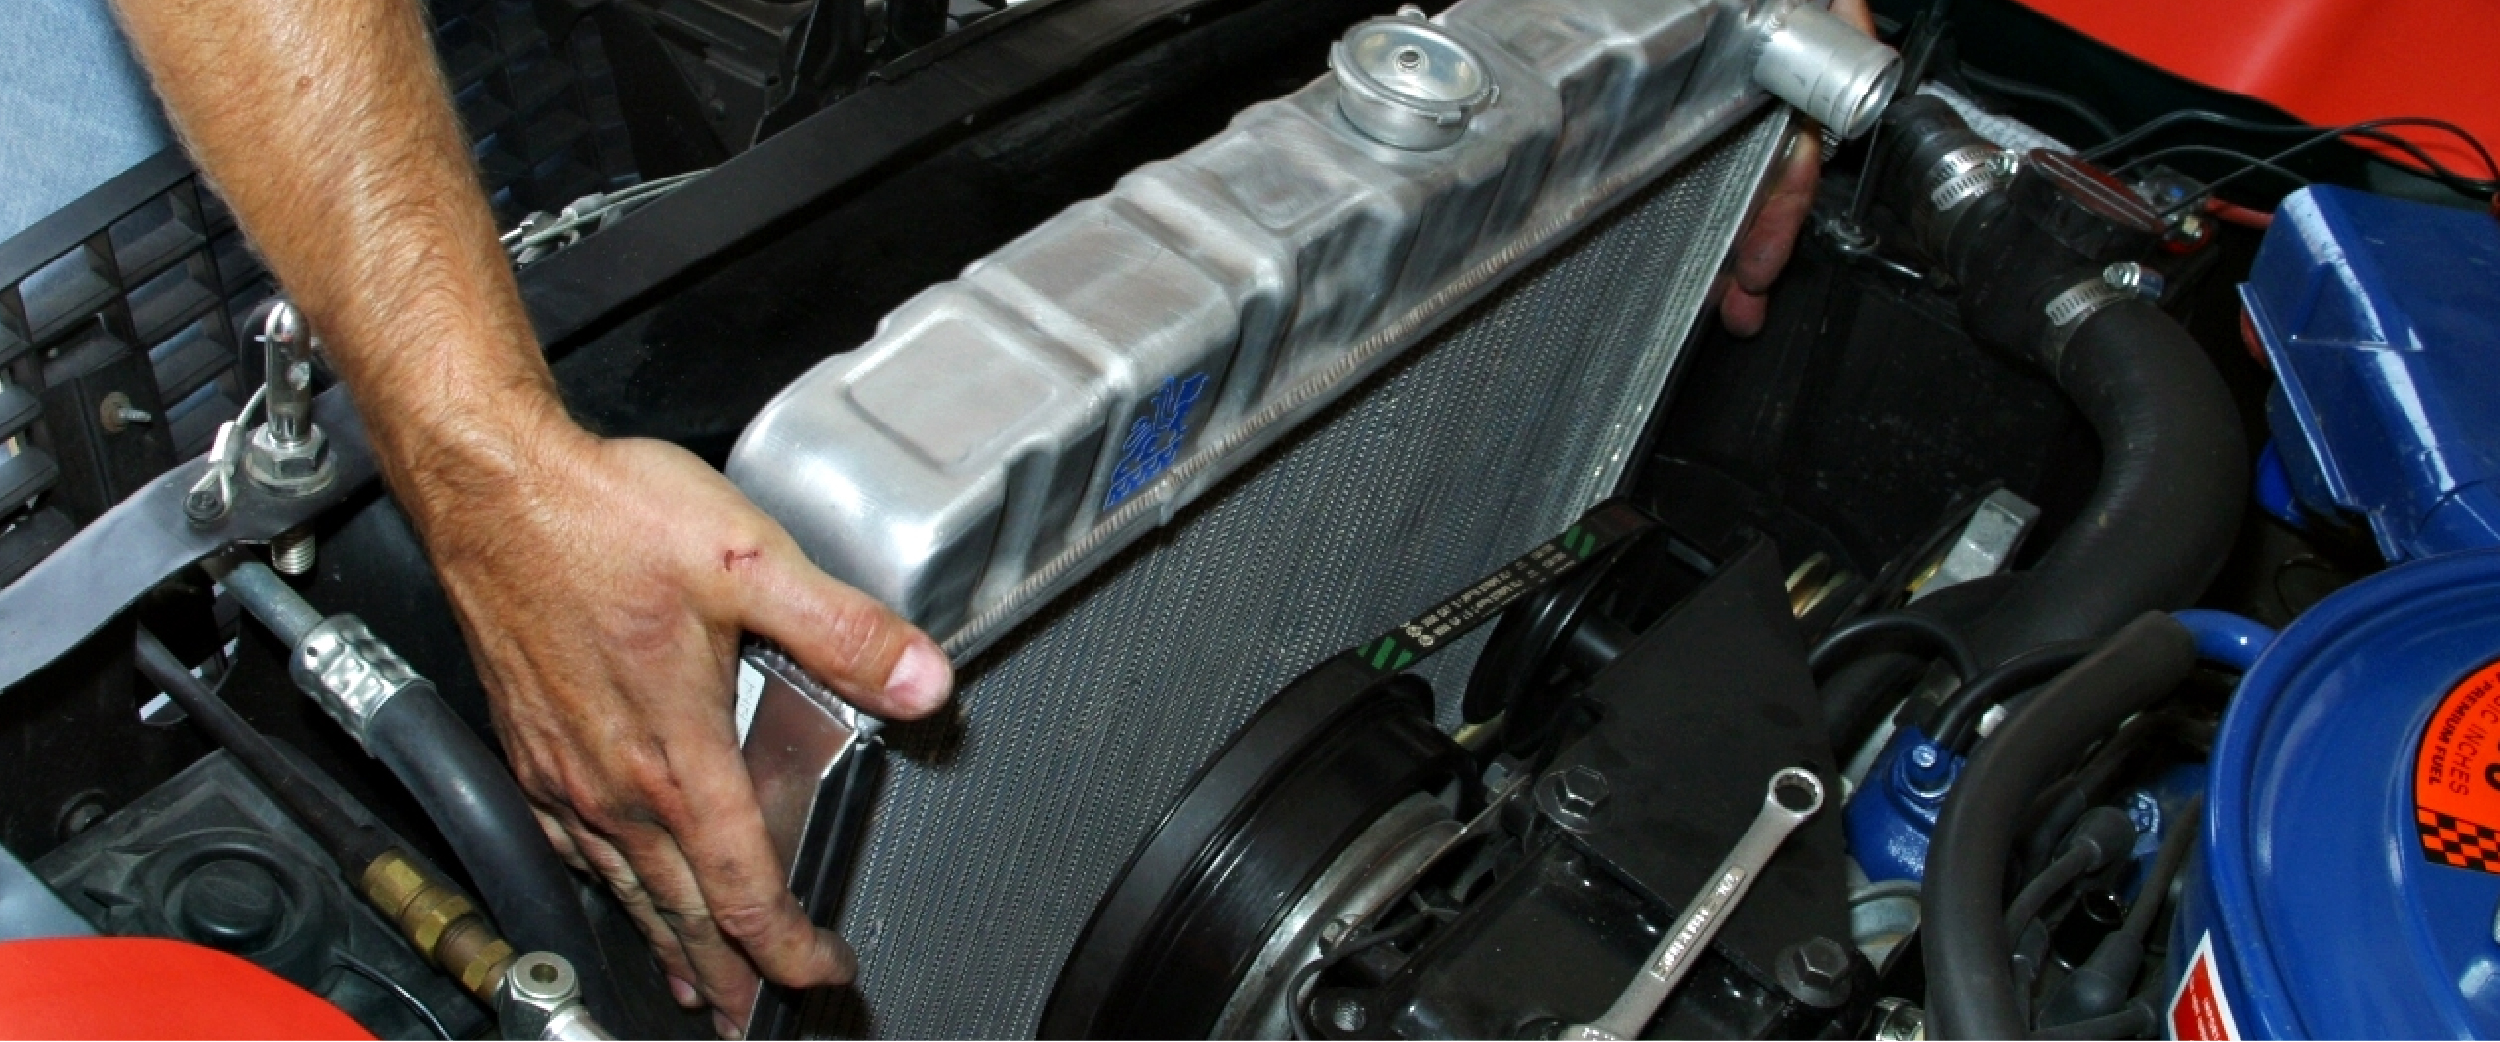 https://autolab.com.co/wp-content/uploads/2019/11/171219-En-qué-consiste-el-sistema-de-refrigeración-del-motor_Mesa-de-trabajo-1.jpg